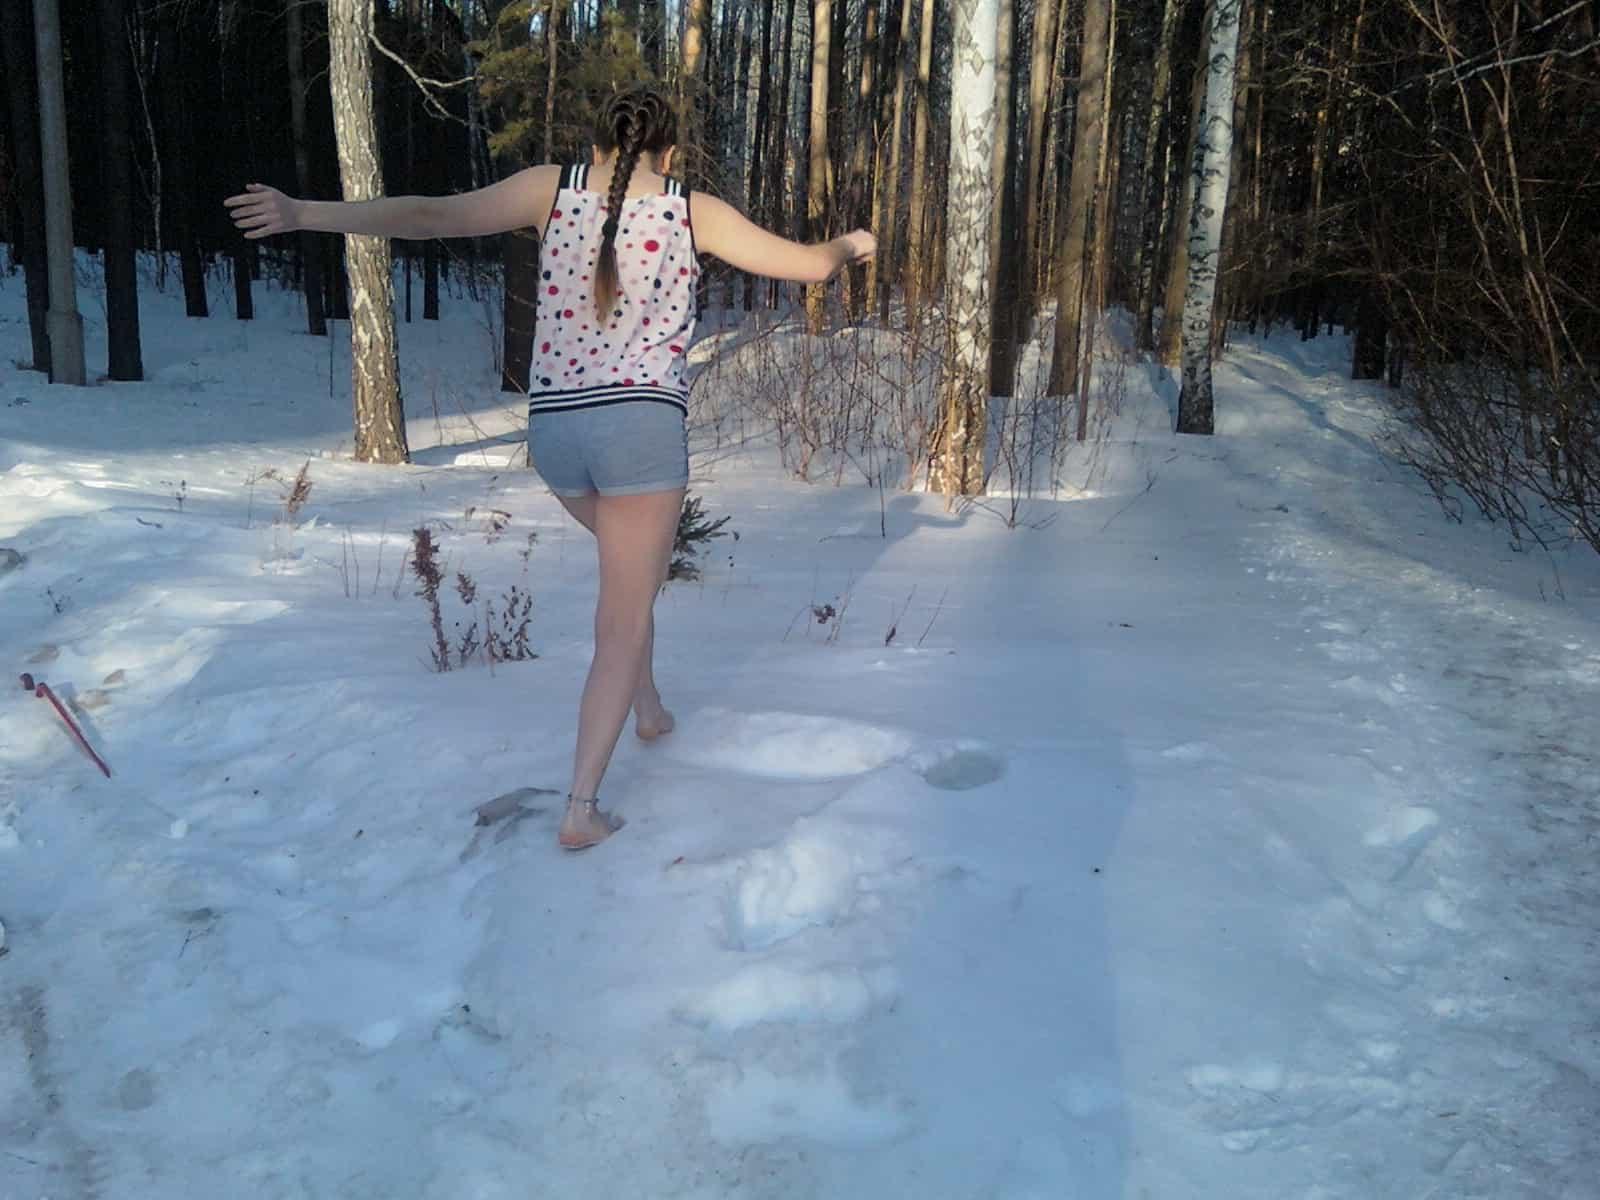 Ребёнок бегает босиком по снегу